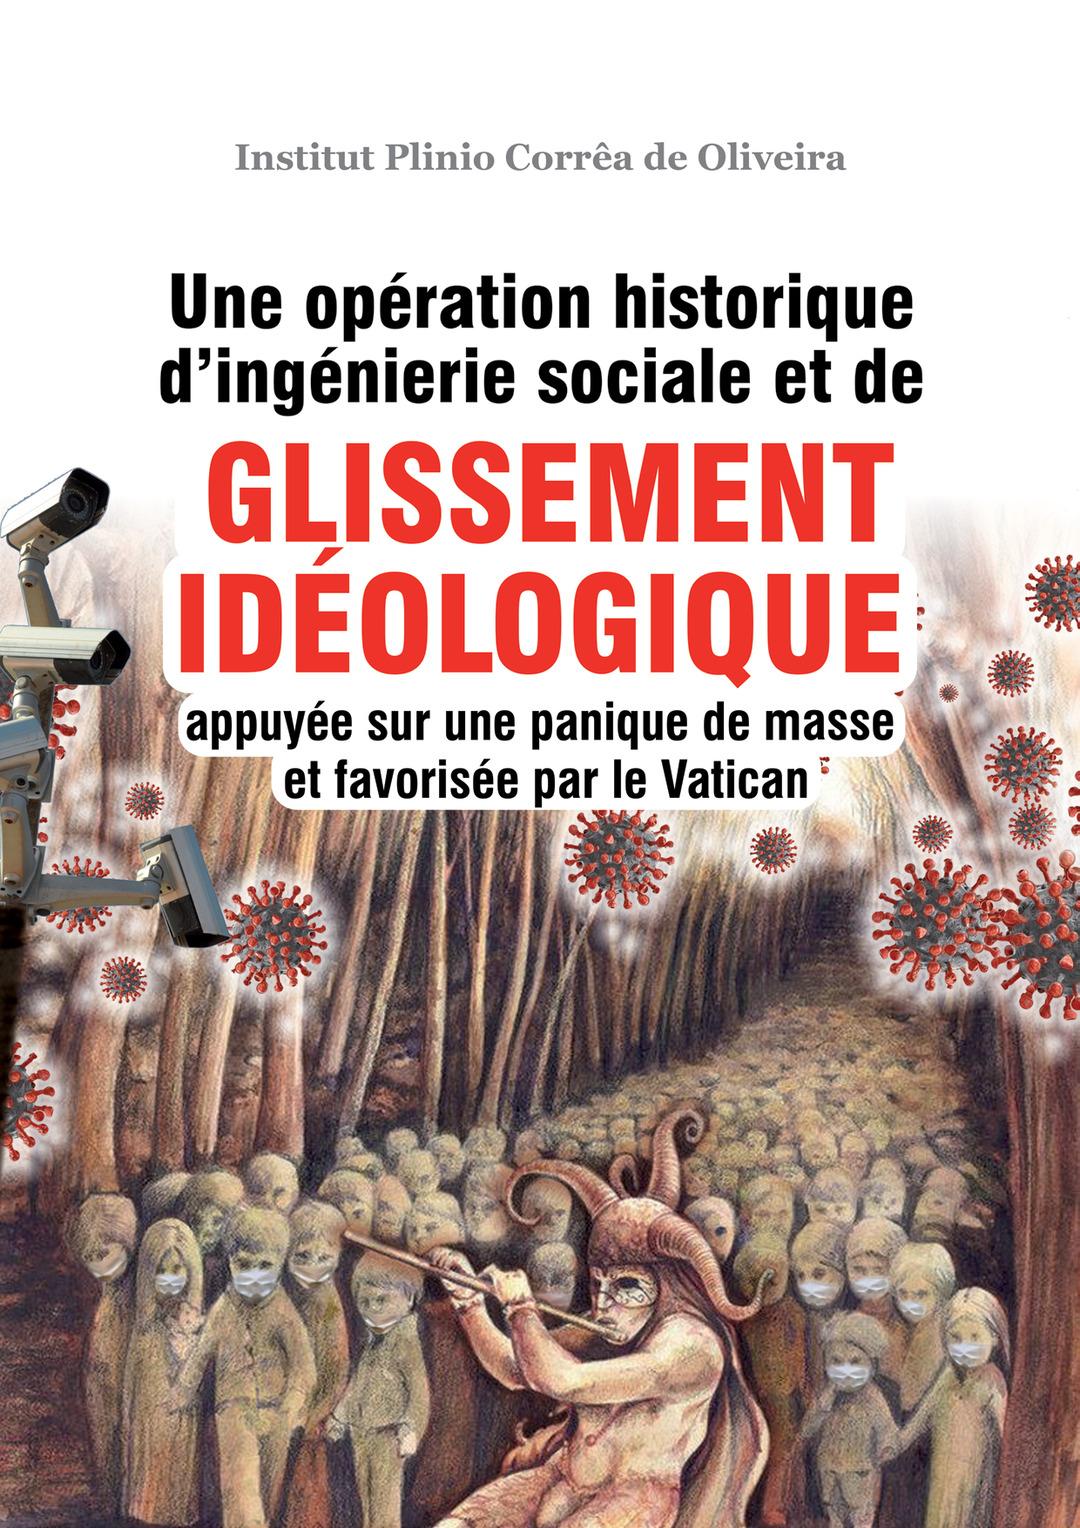 Page 1 of Une opération historique d'ingénierie sociale et de glissement idéologique